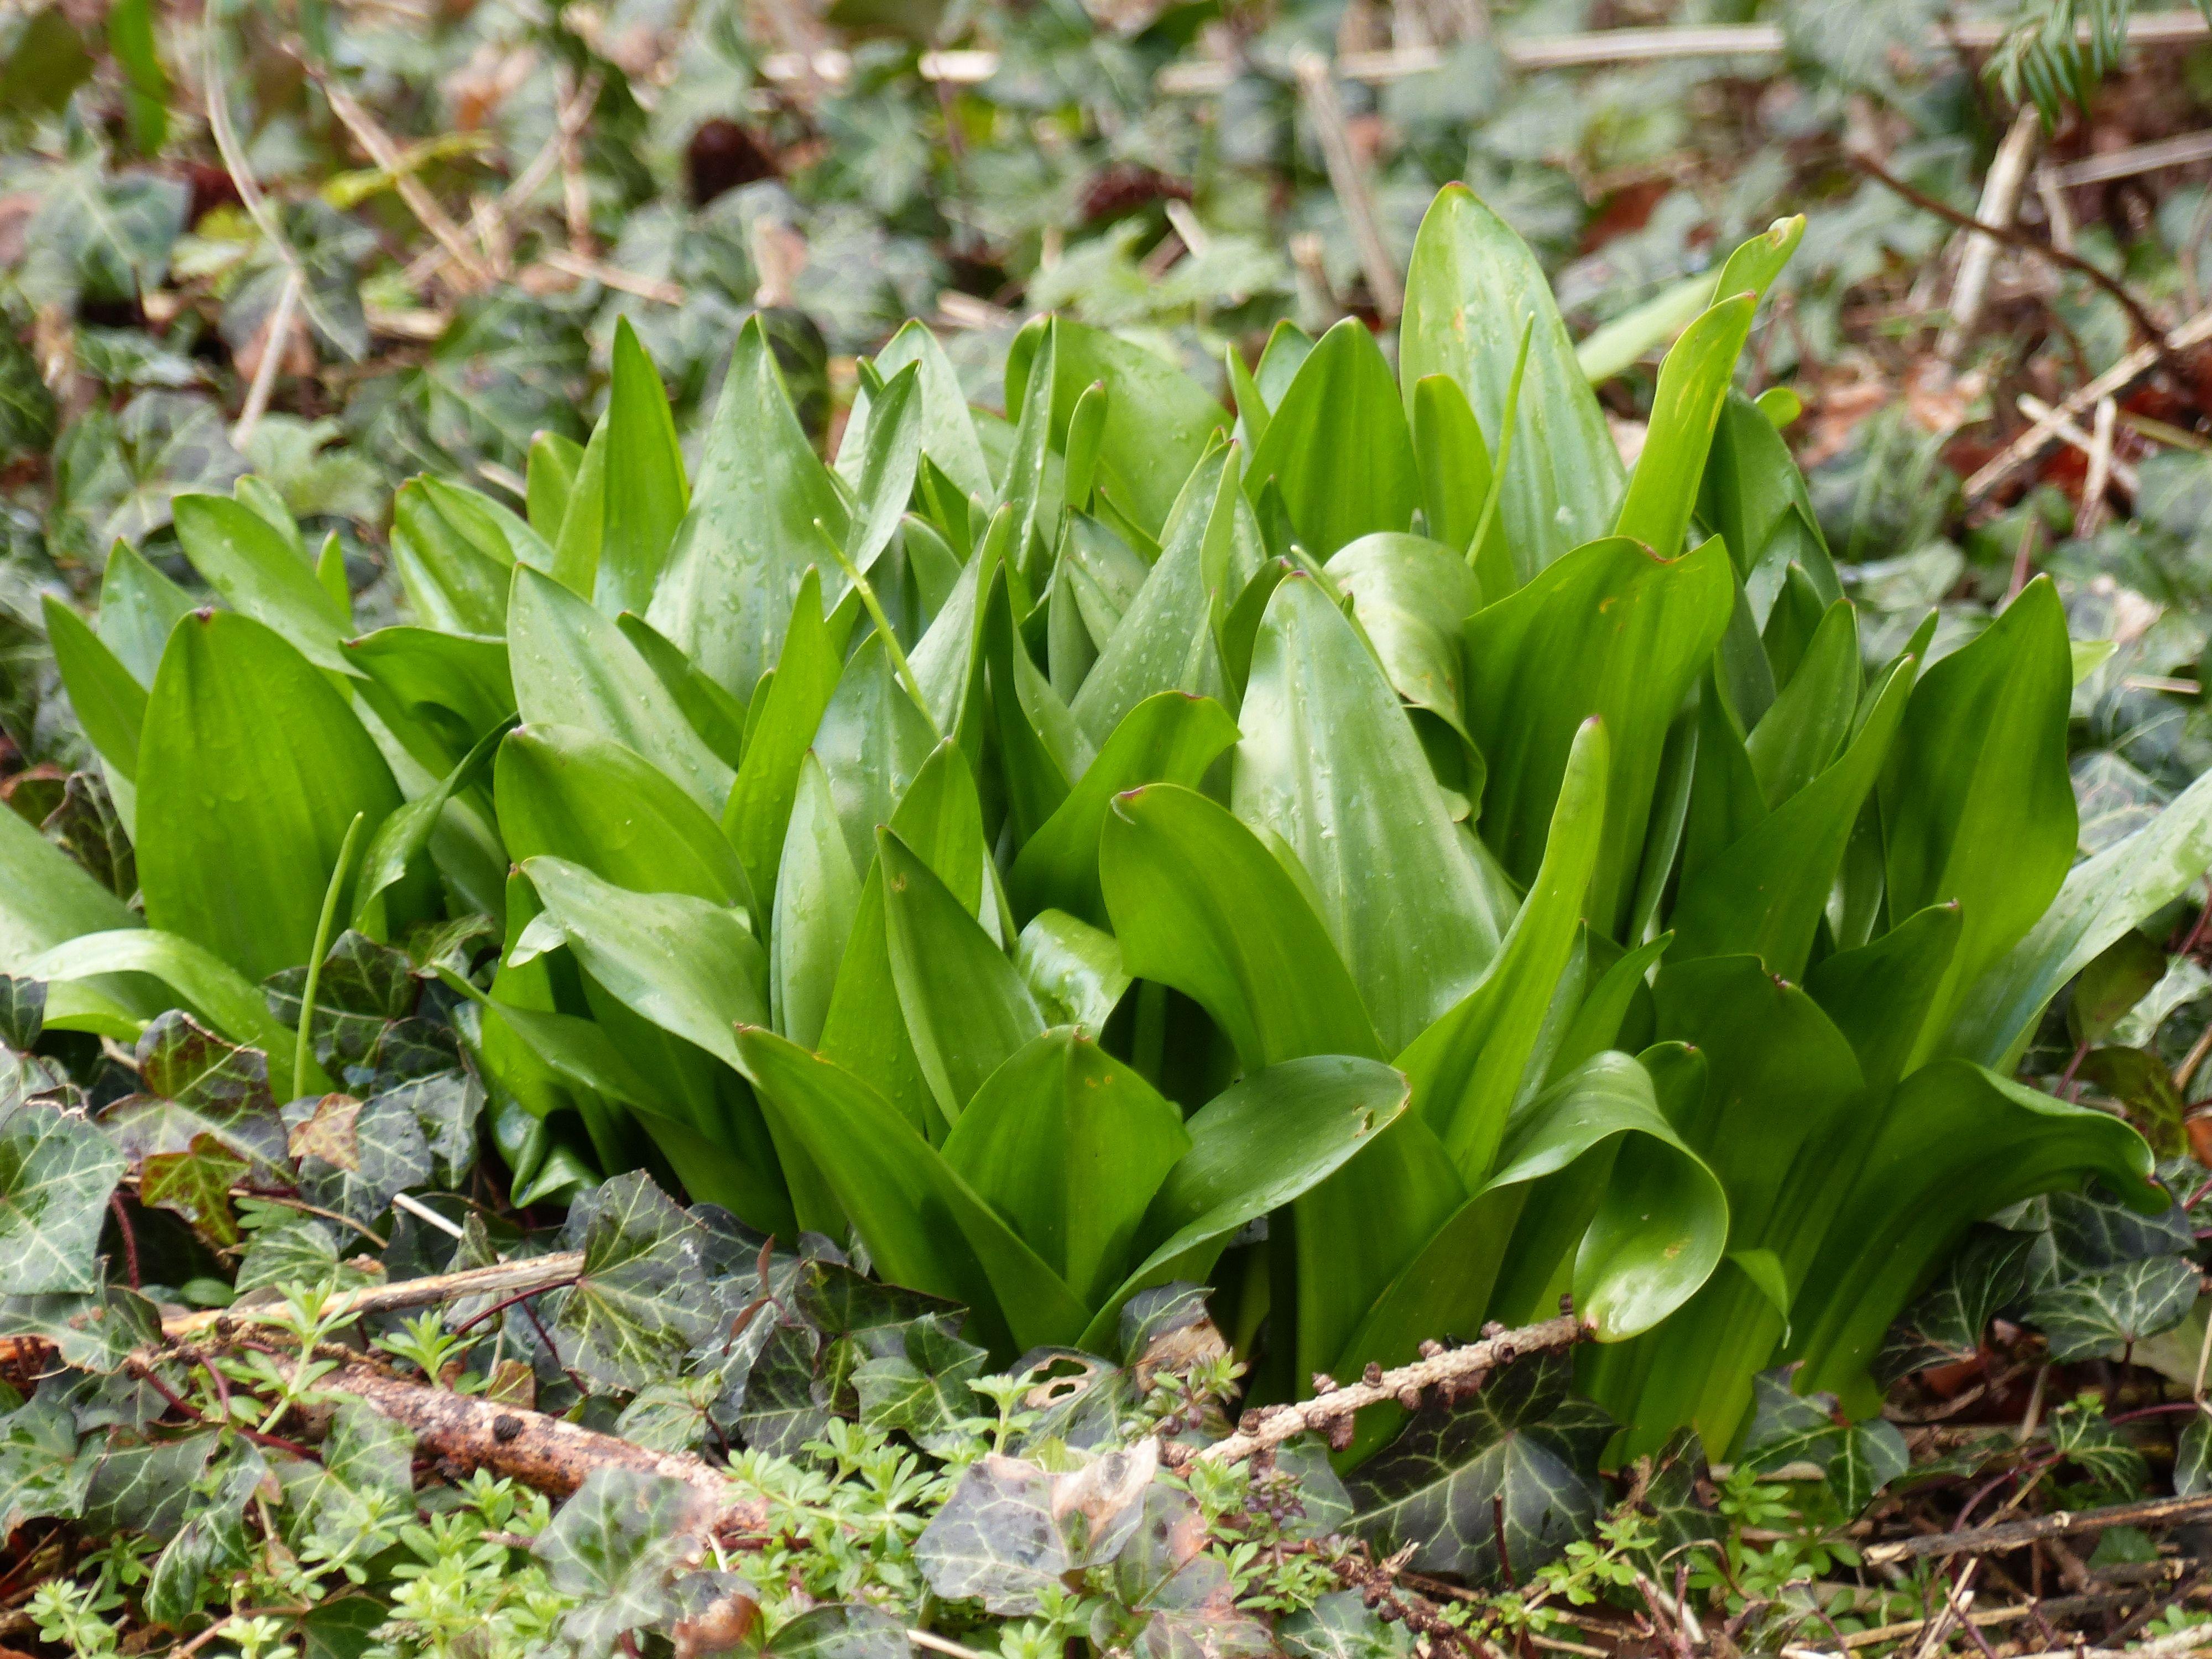 Schon im frühen Frühjahr zeigen sich die Blattschöpfe der